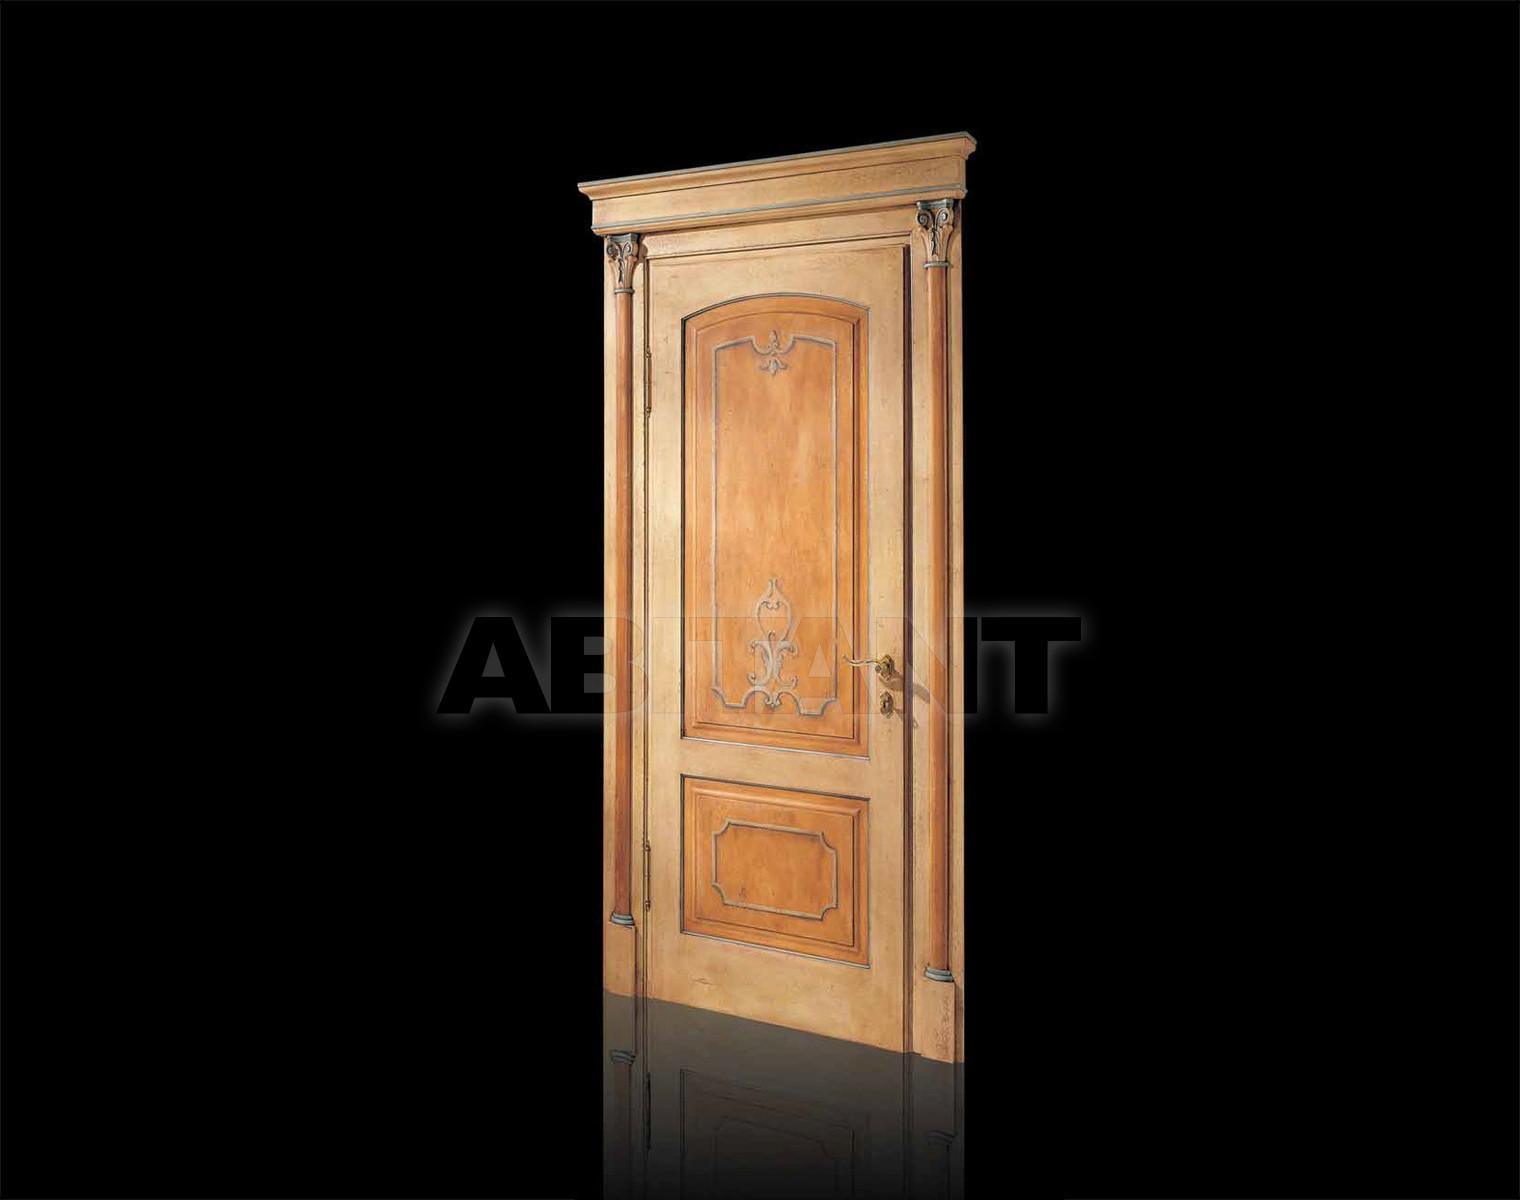 Купить Дверь деревянная F.lli Corso Srl Luxury P10-A